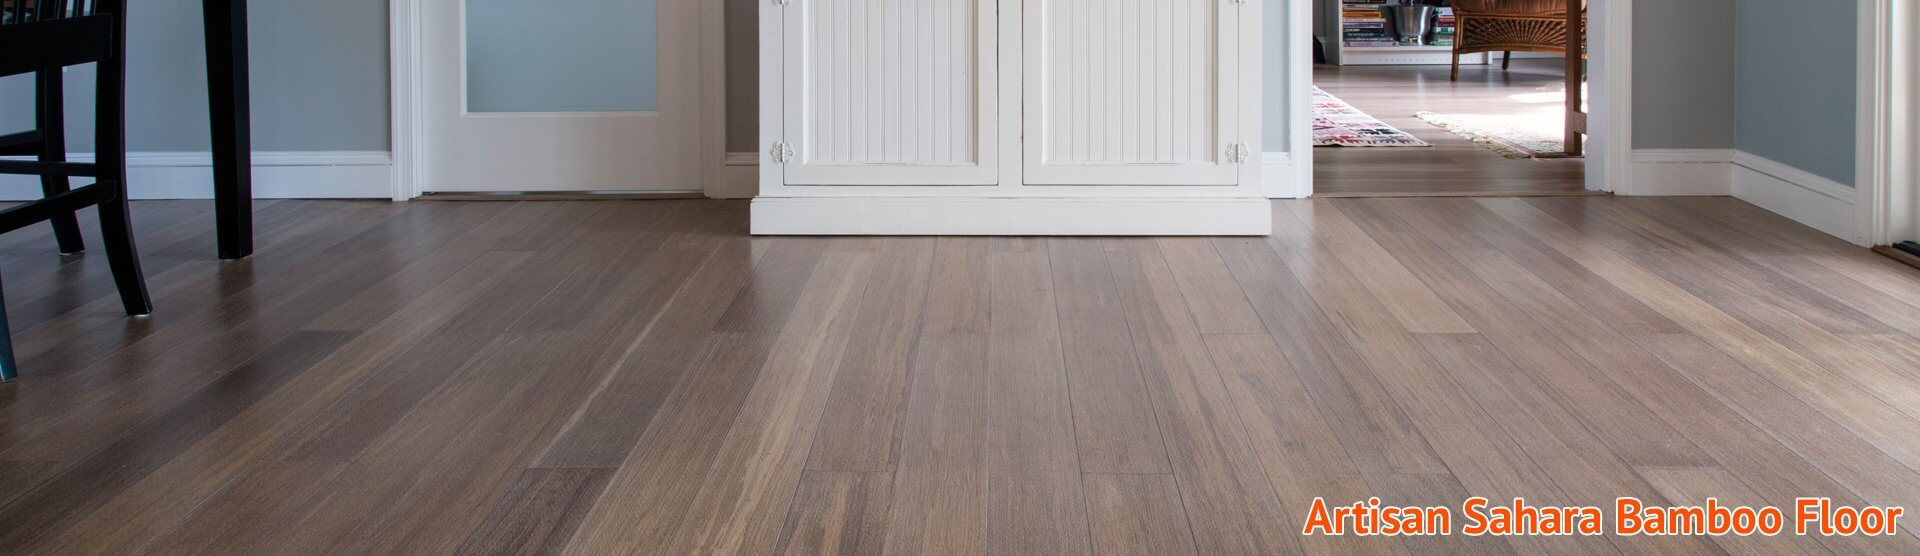 Artisan Sahara Bamboo Hardwood Floor